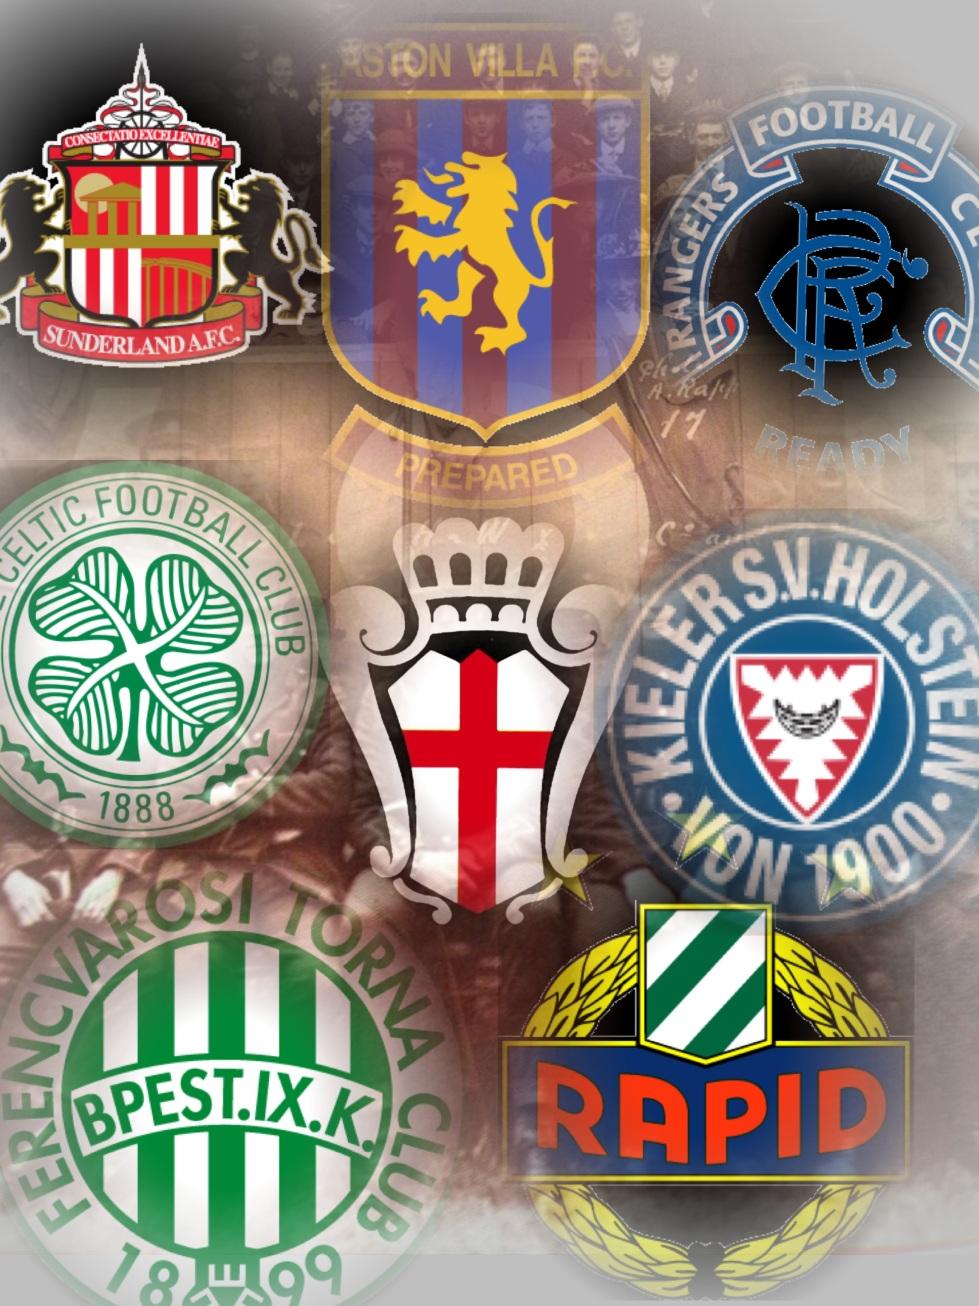 1913-14 Champions League Last 8